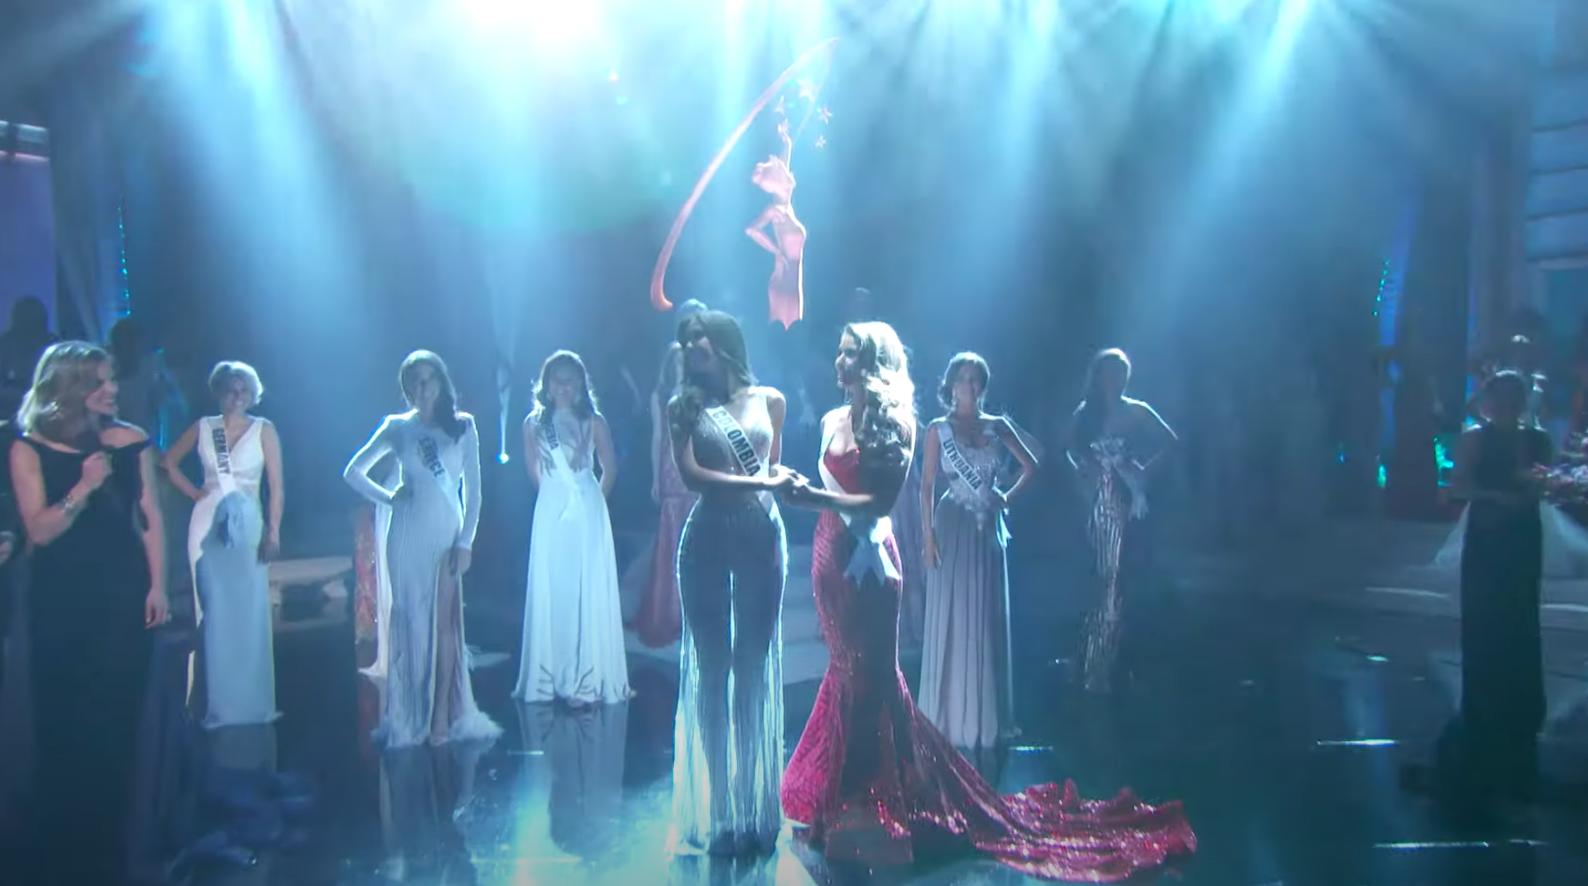 Netizen rần rần vì 1 Hoa hậu vướng sự cố trang phục trên sân khấu, tưởng gặp váy áo phản chủ mà cái kết khiến ai cũng há hốc! - Ảnh 2.